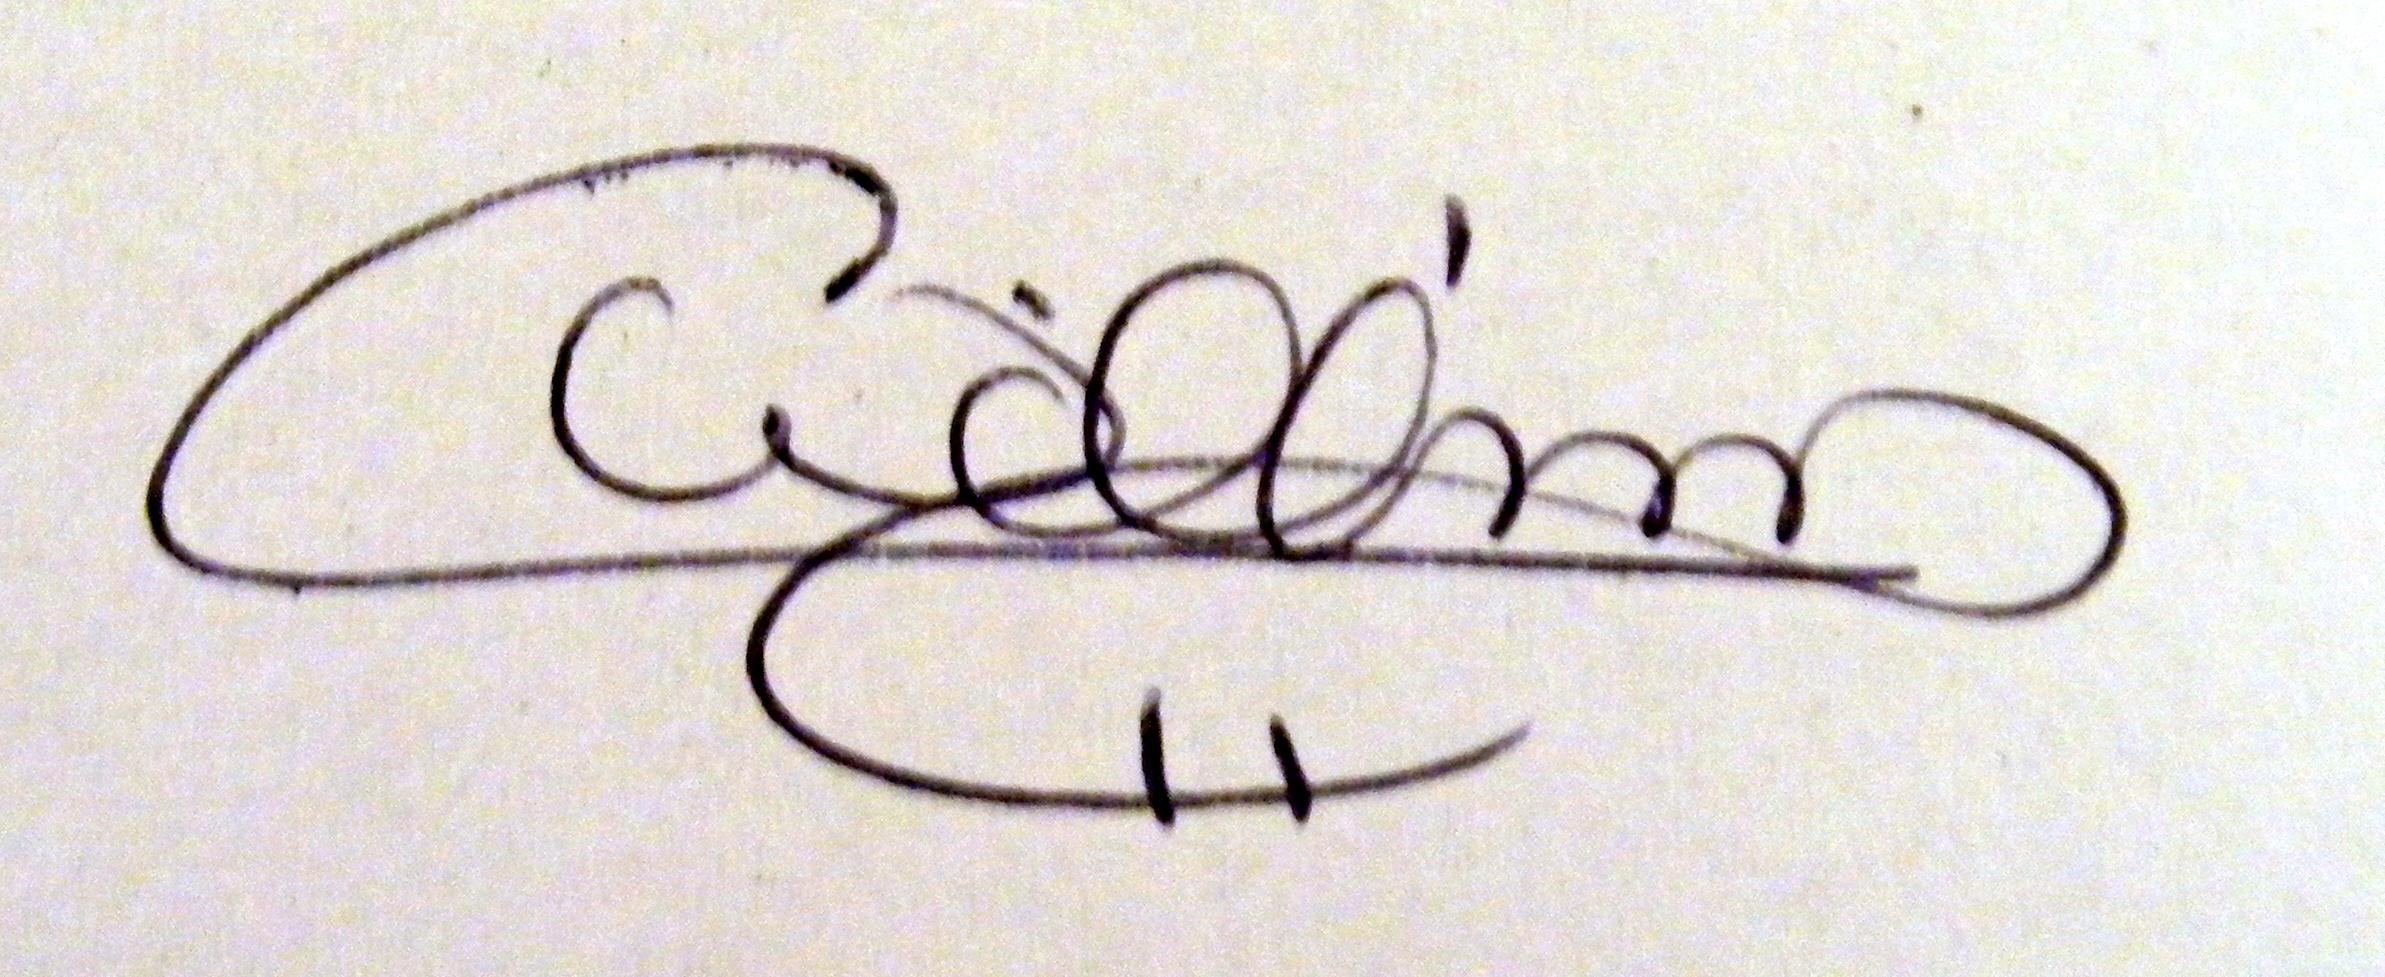 Cindy Williams's Signature